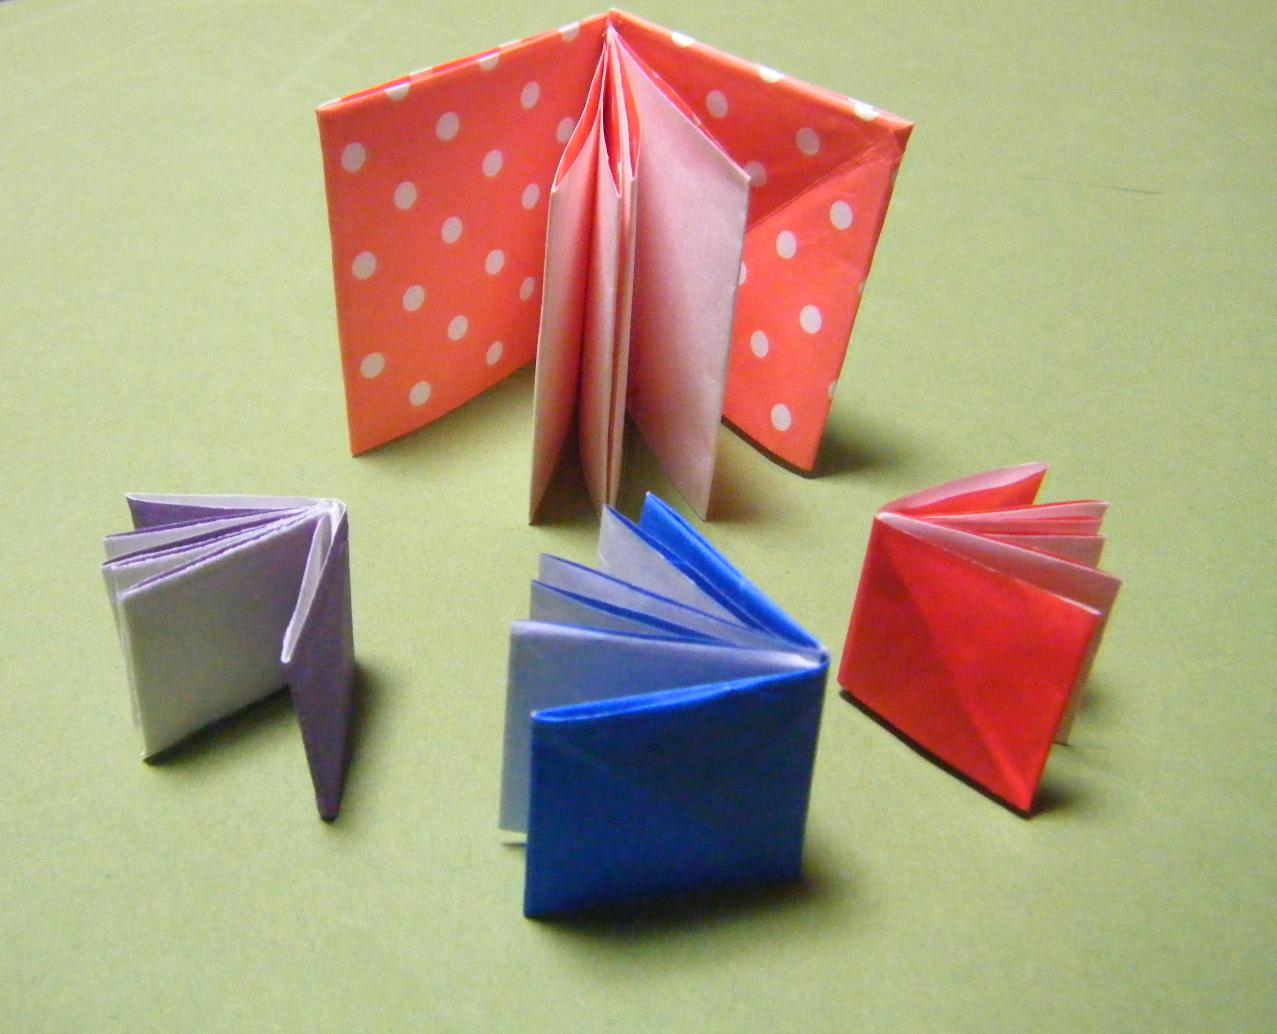 すべての折り紙 折り紙 2月 : You Should Know